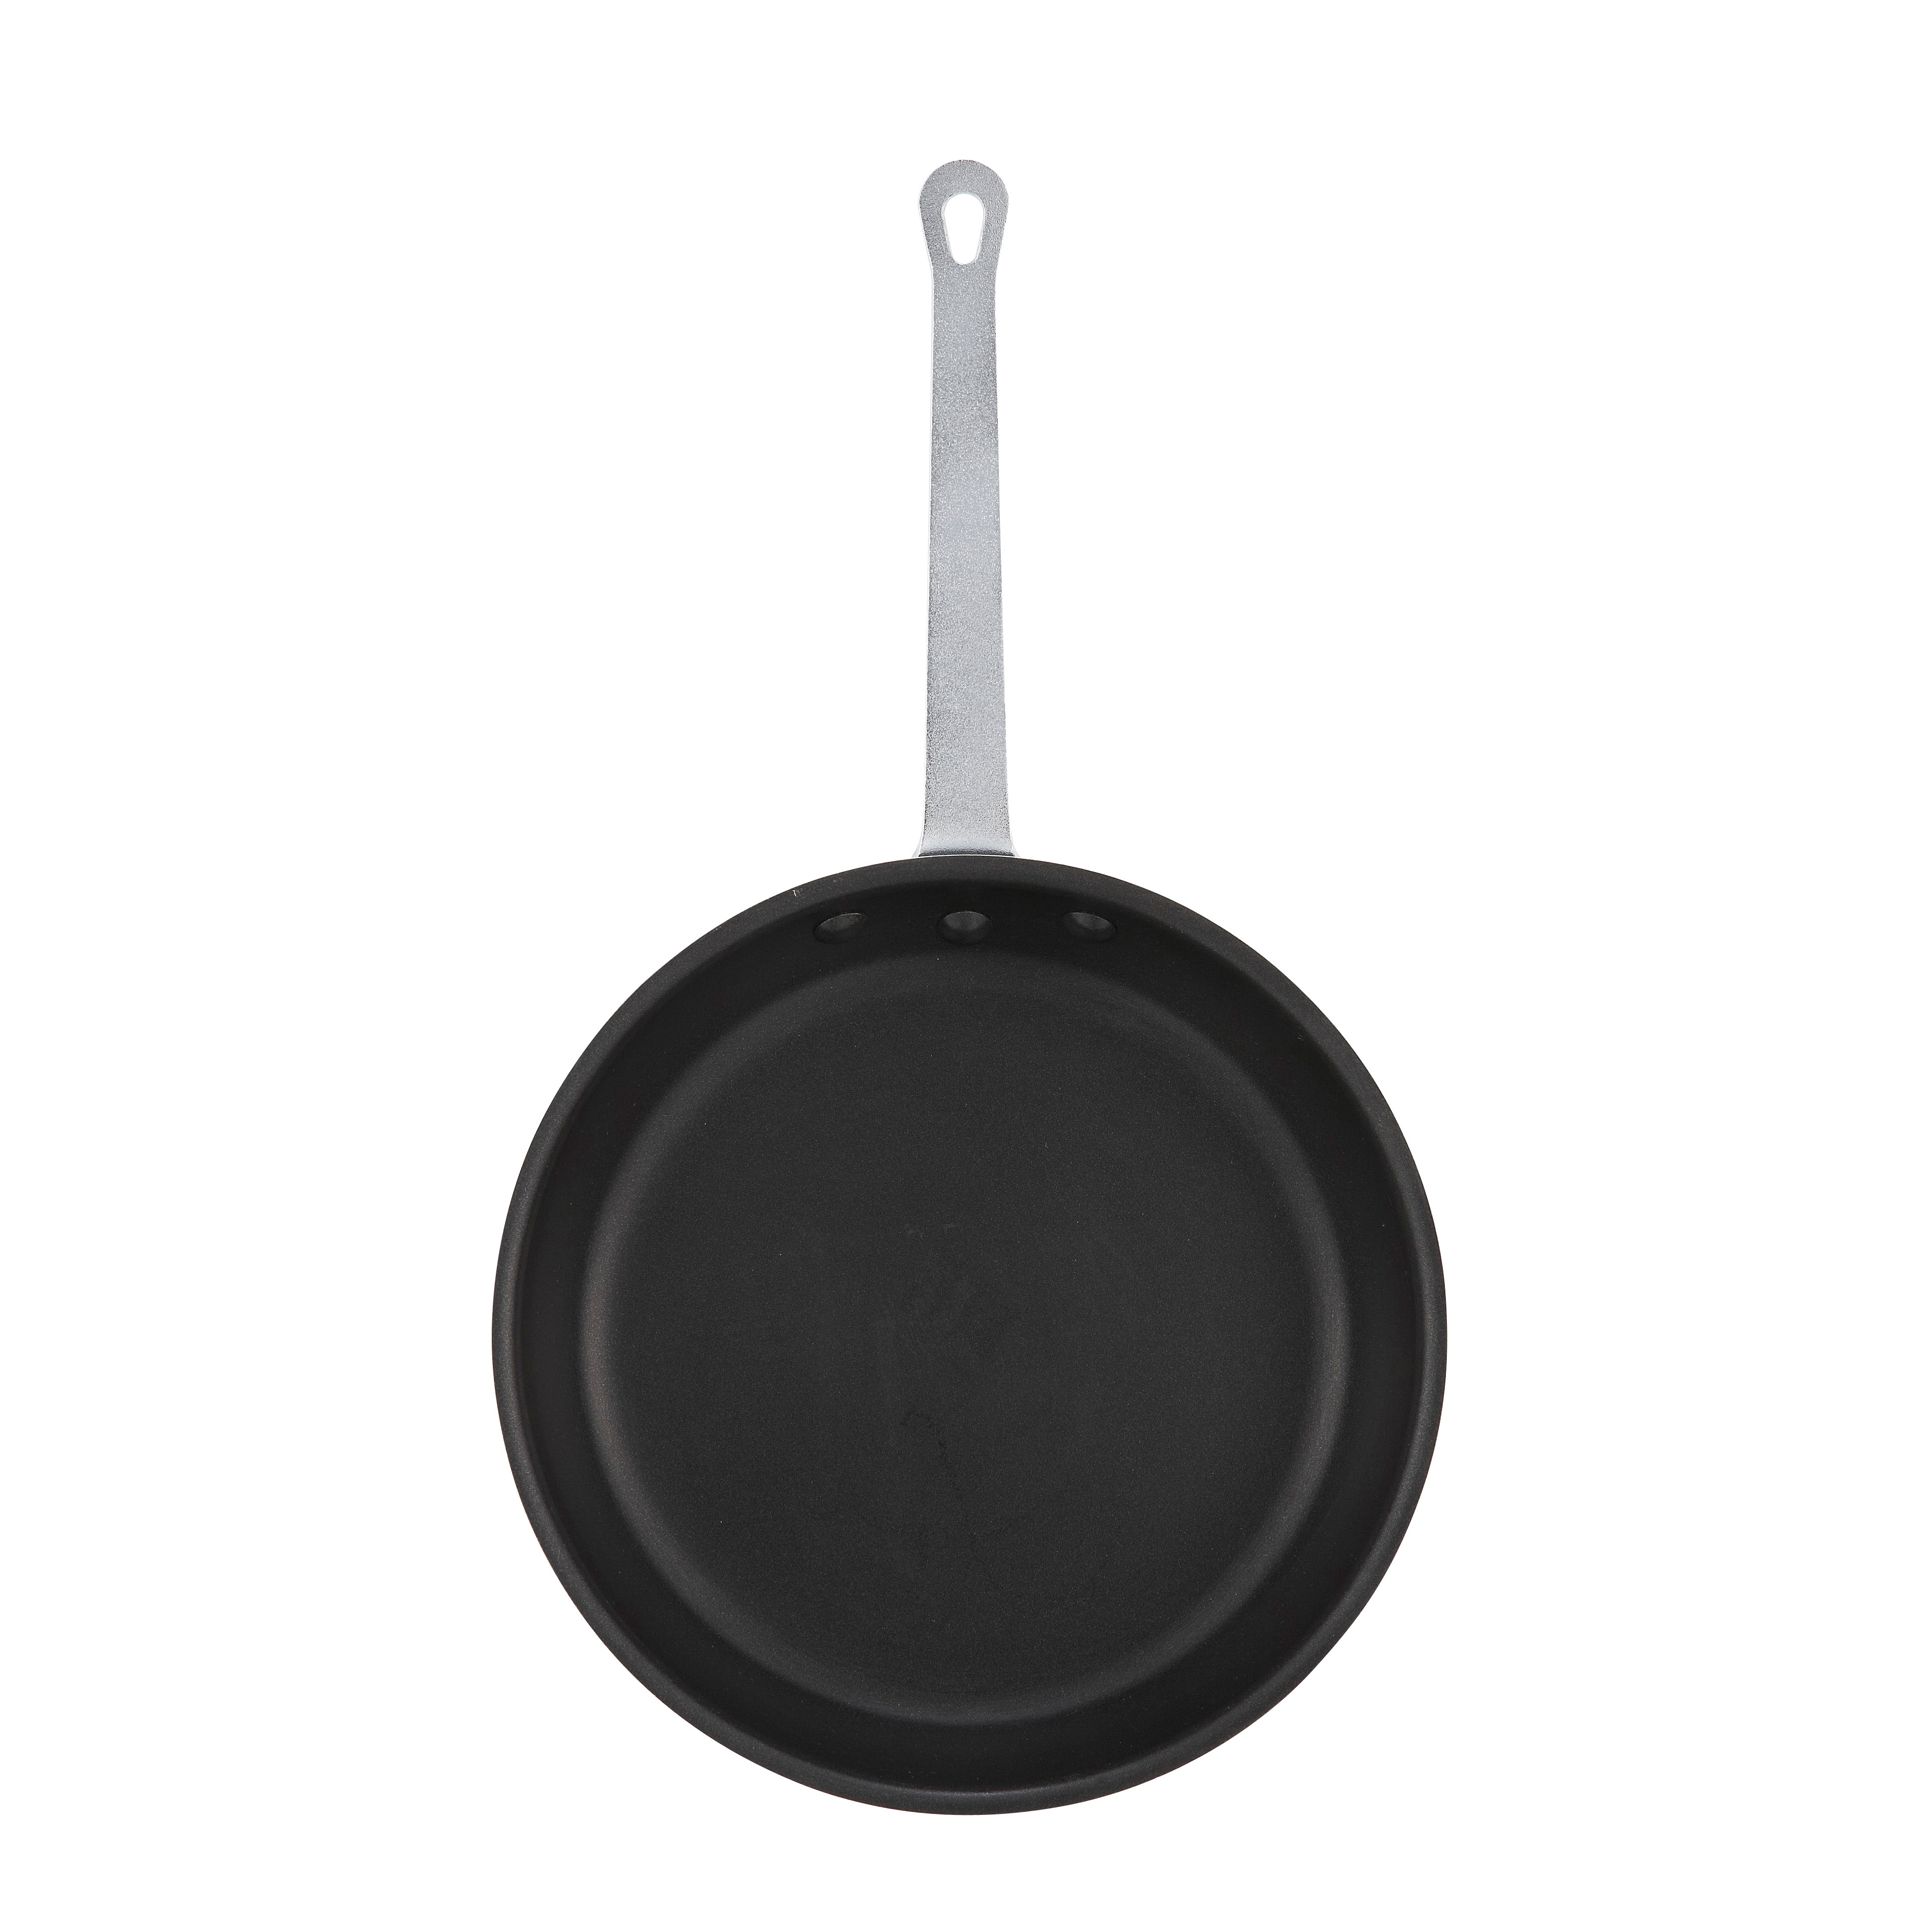 Winco AFP-8XC fry pan